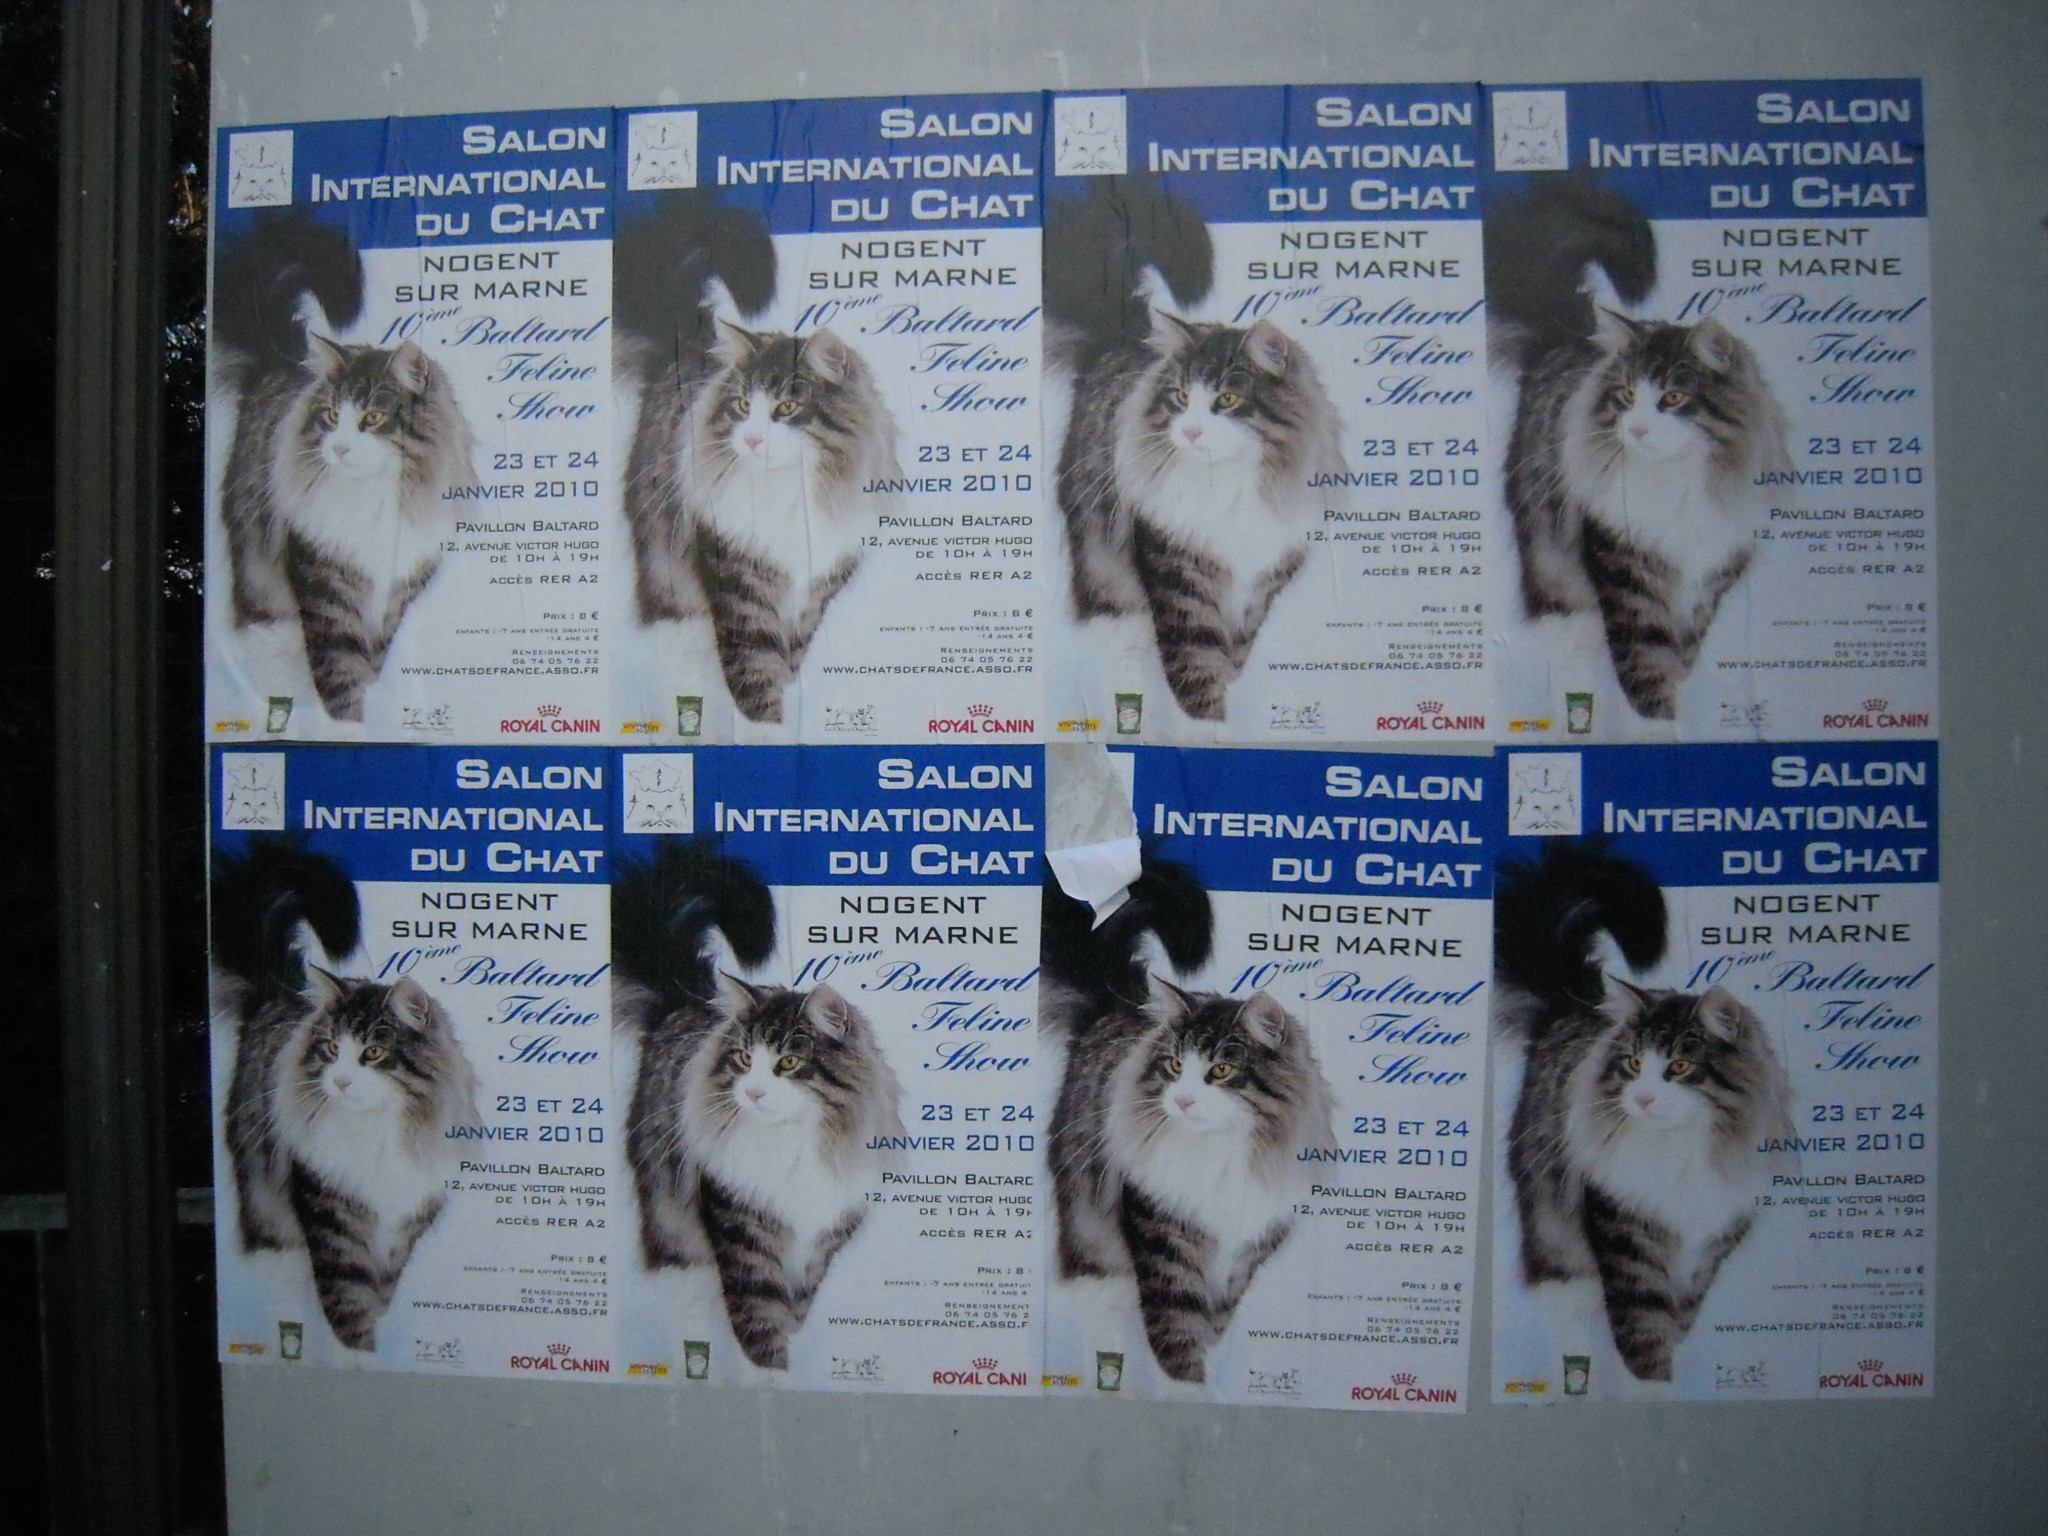 Salon du chat 2010 le baltard feline show de retour - Salon de chat gratuit ...